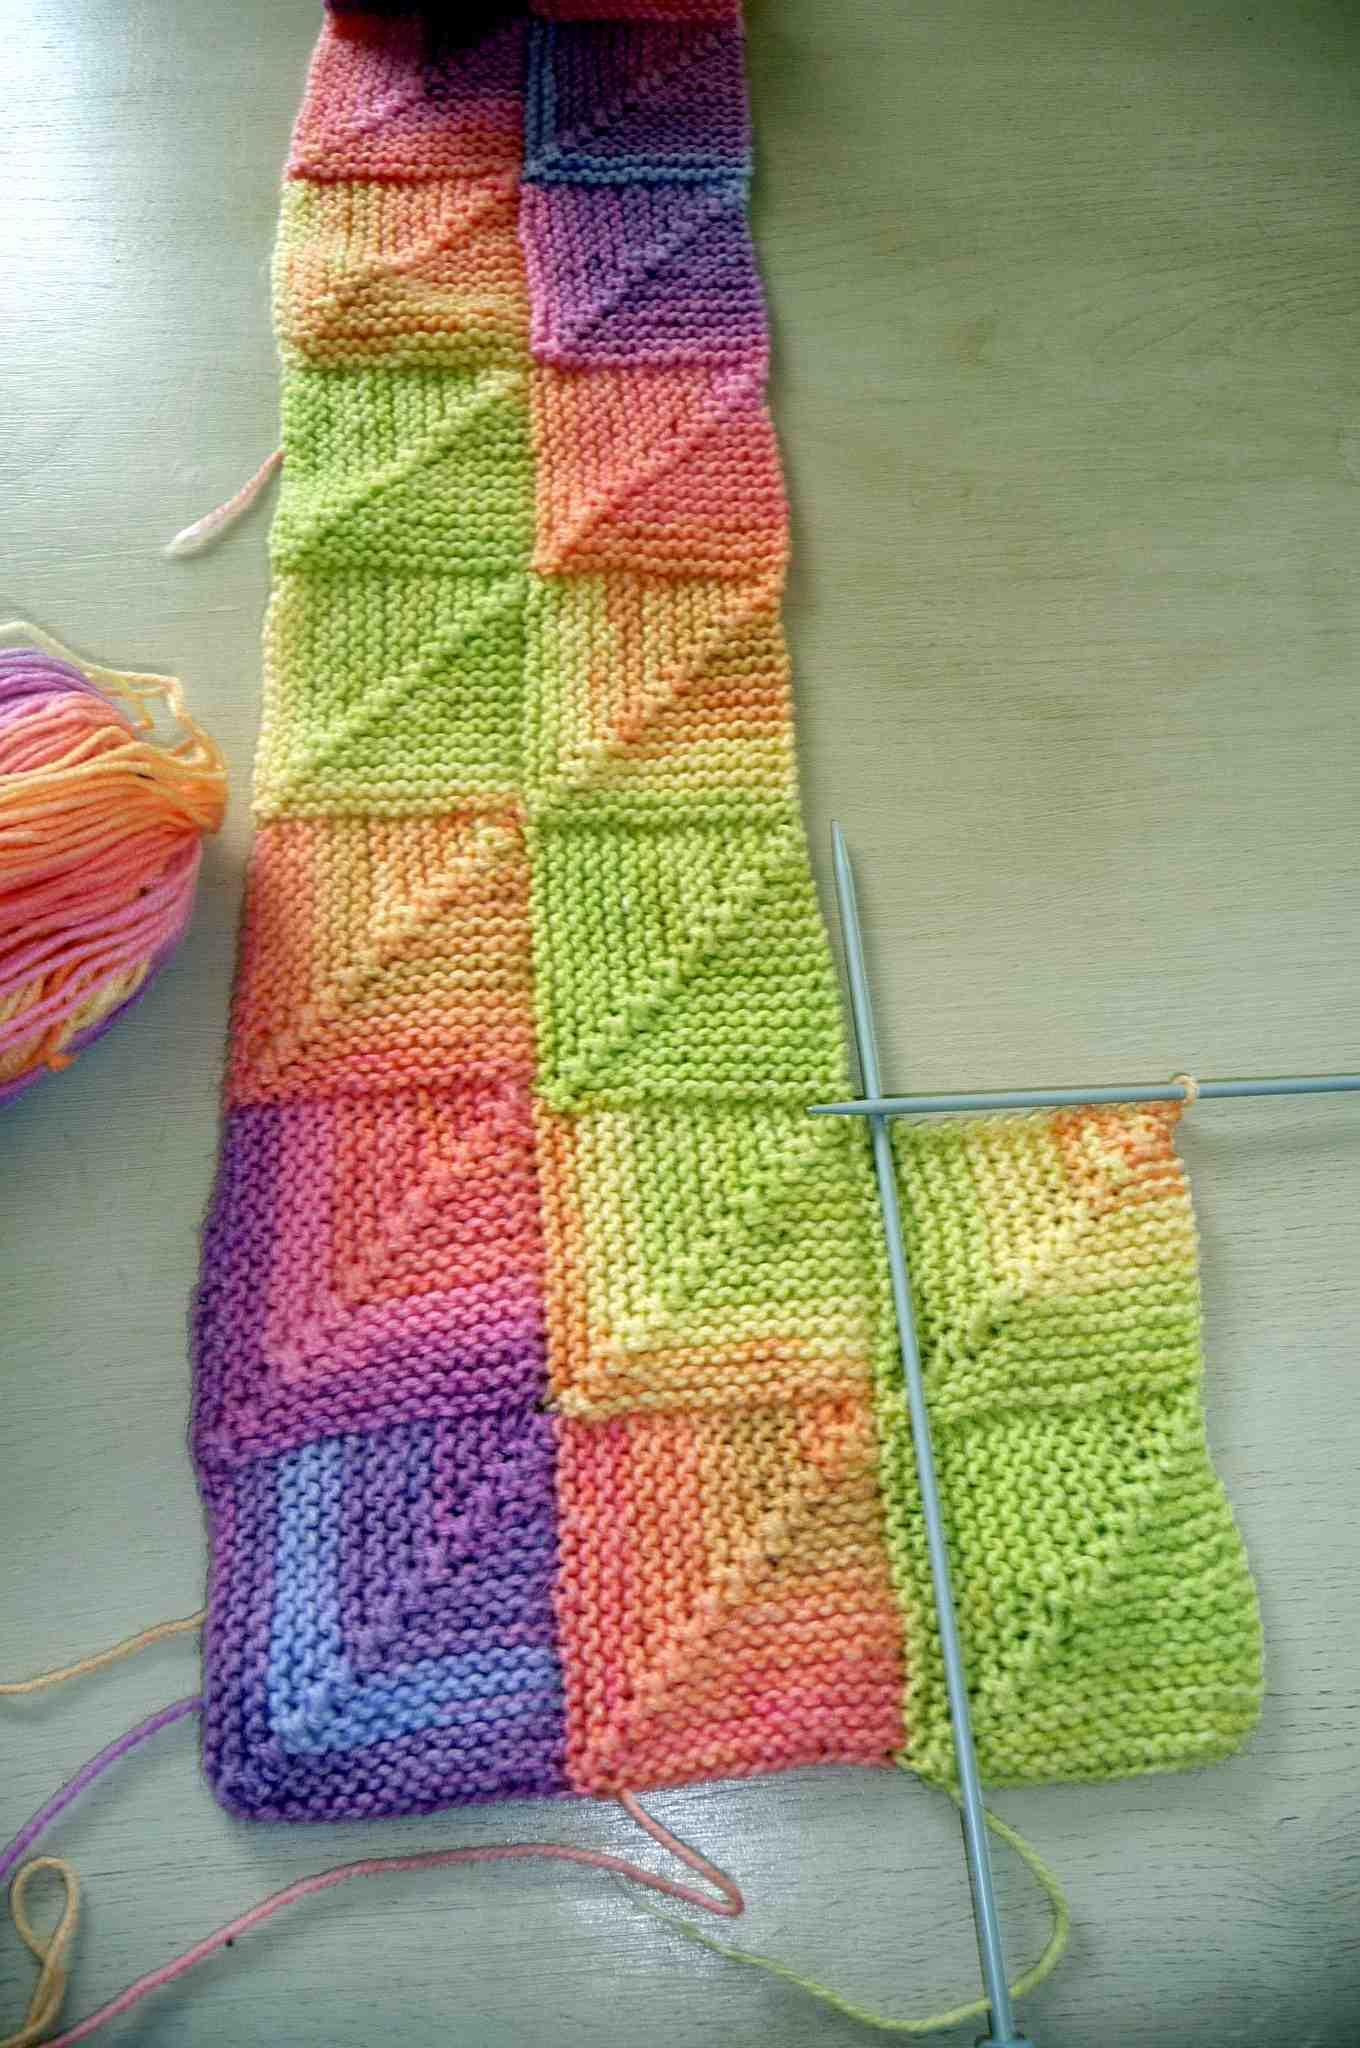 Comment choisir la taille des aiguilles à tricoter?